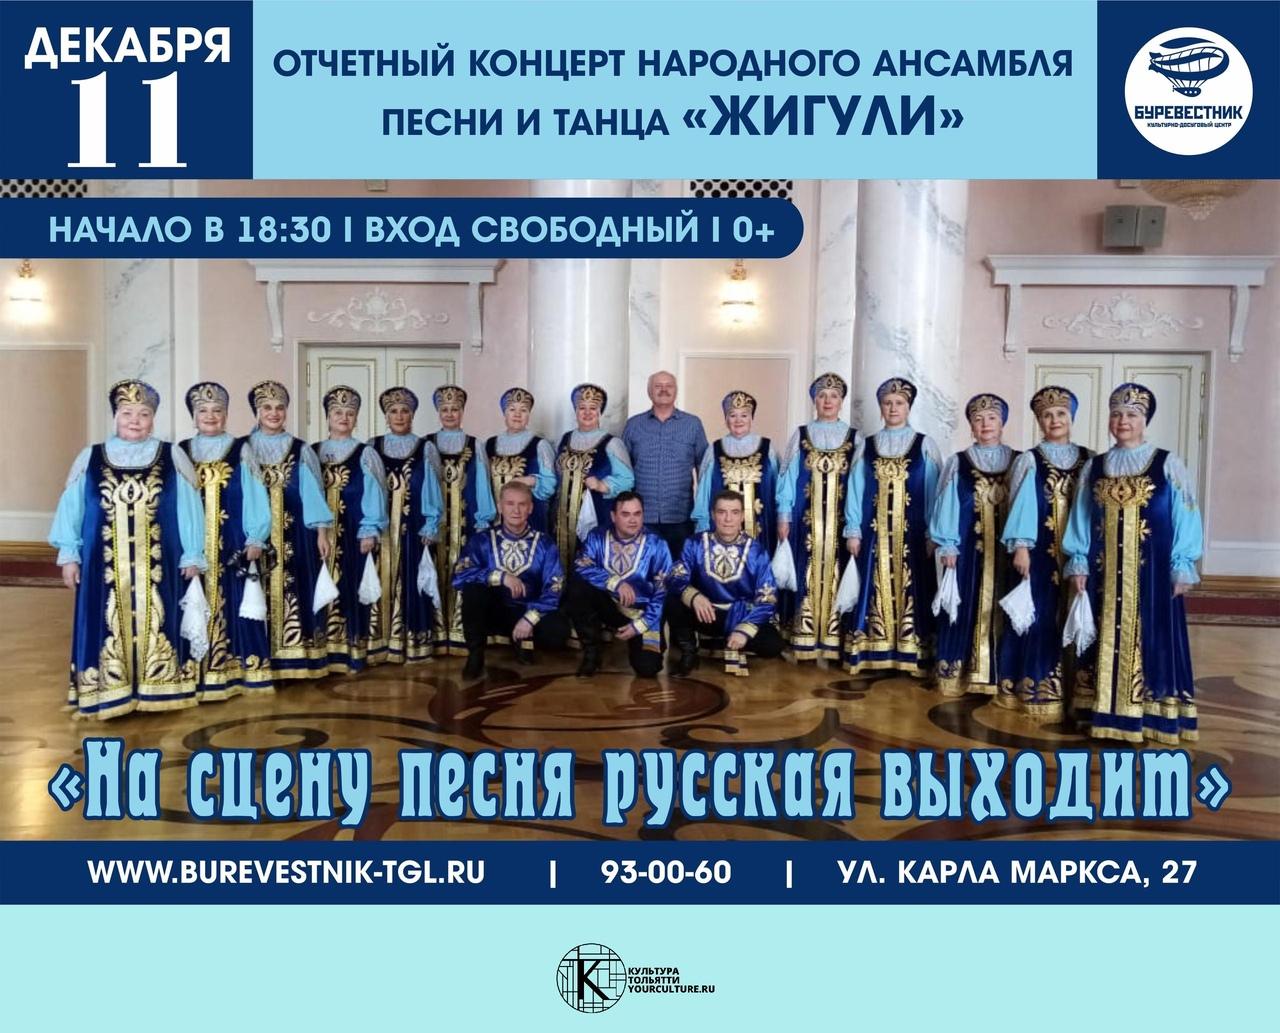 """Отчетный концерт Народного ансамбля песни и танца """"Жигули"""""""